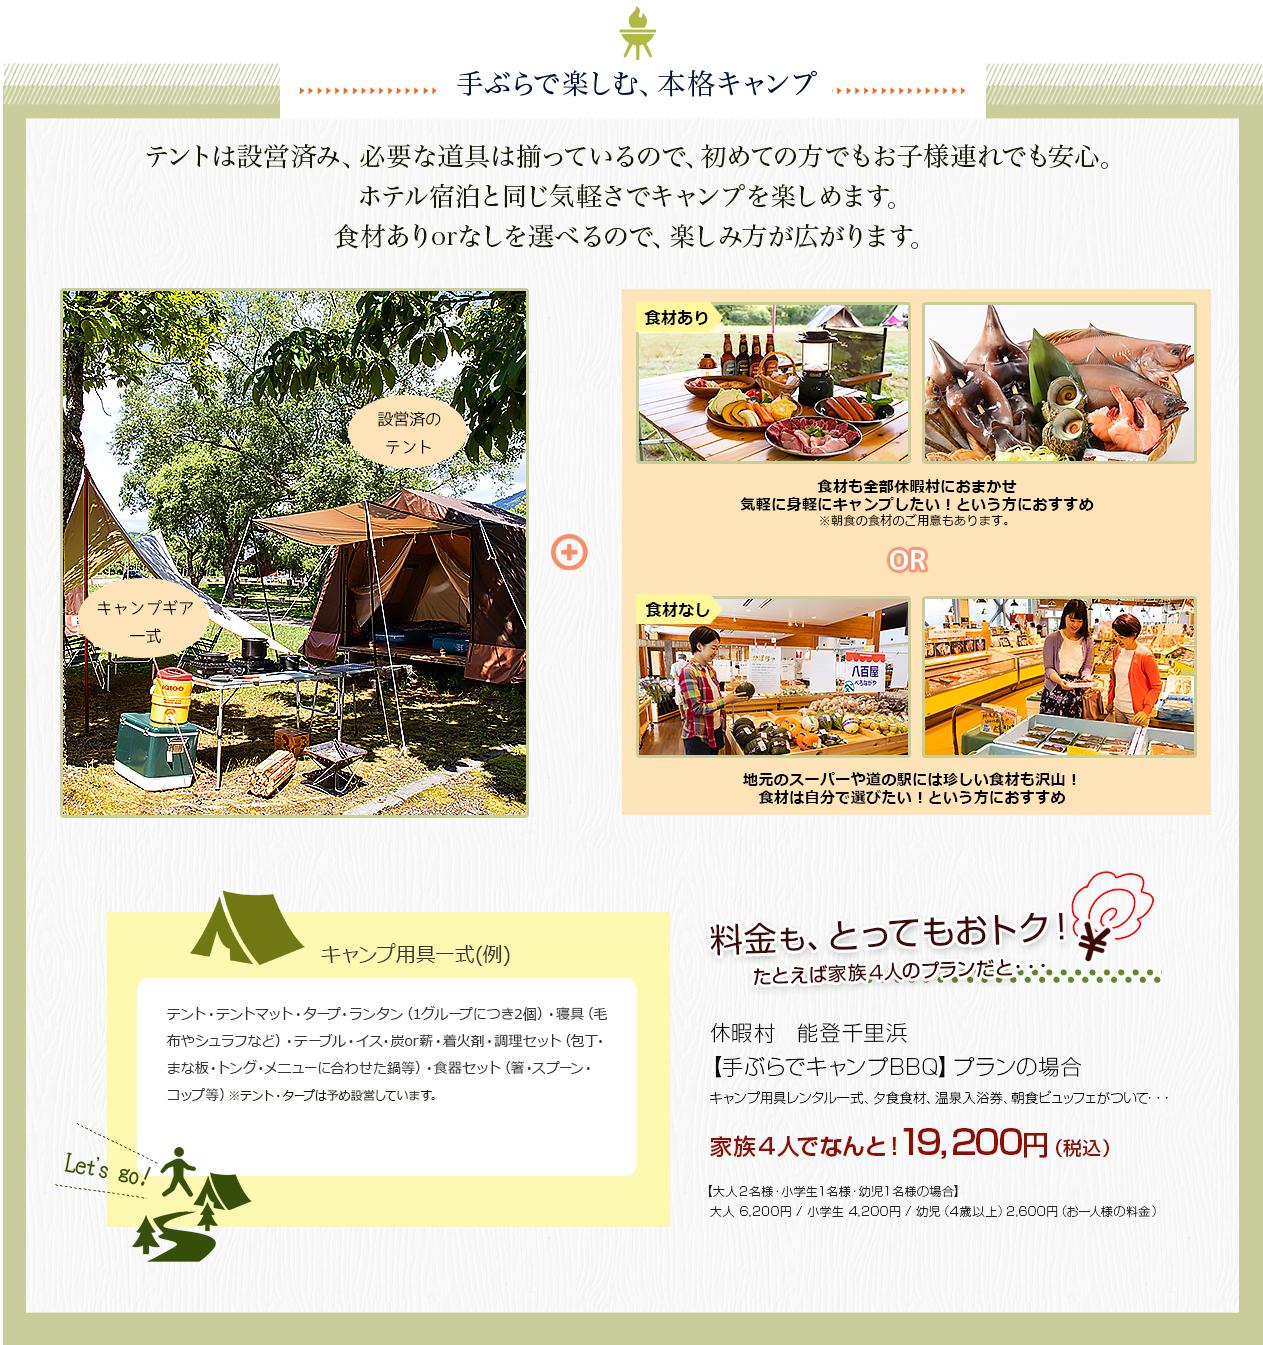 [【手ぶらでキャンプ】キャンプ